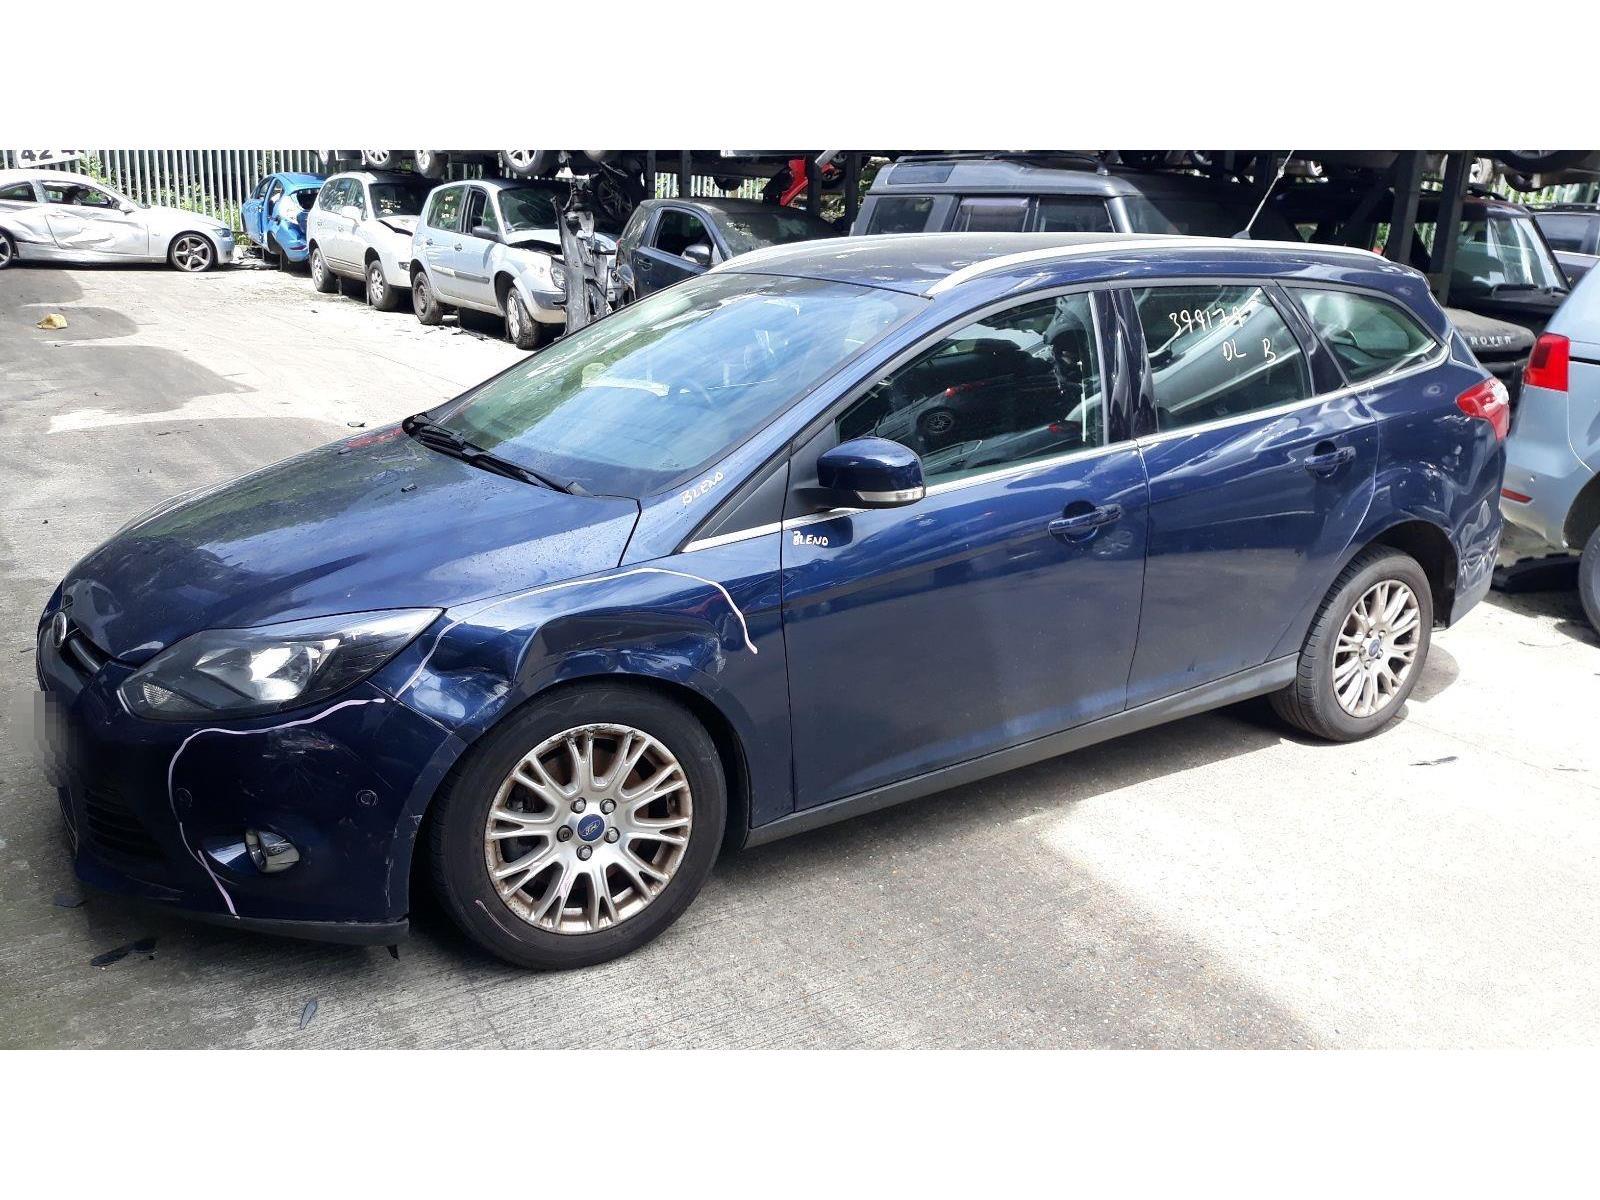 Ford Focus 2011 To 2014 Titanium 5 Door Estate Scrap Salvage Car